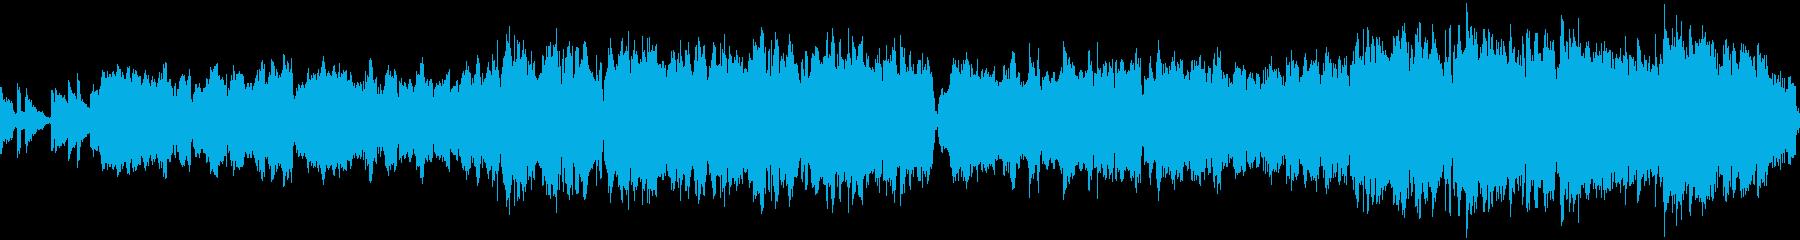 アウトドア・キャンプ・穏やか(ループ)の再生済みの波形